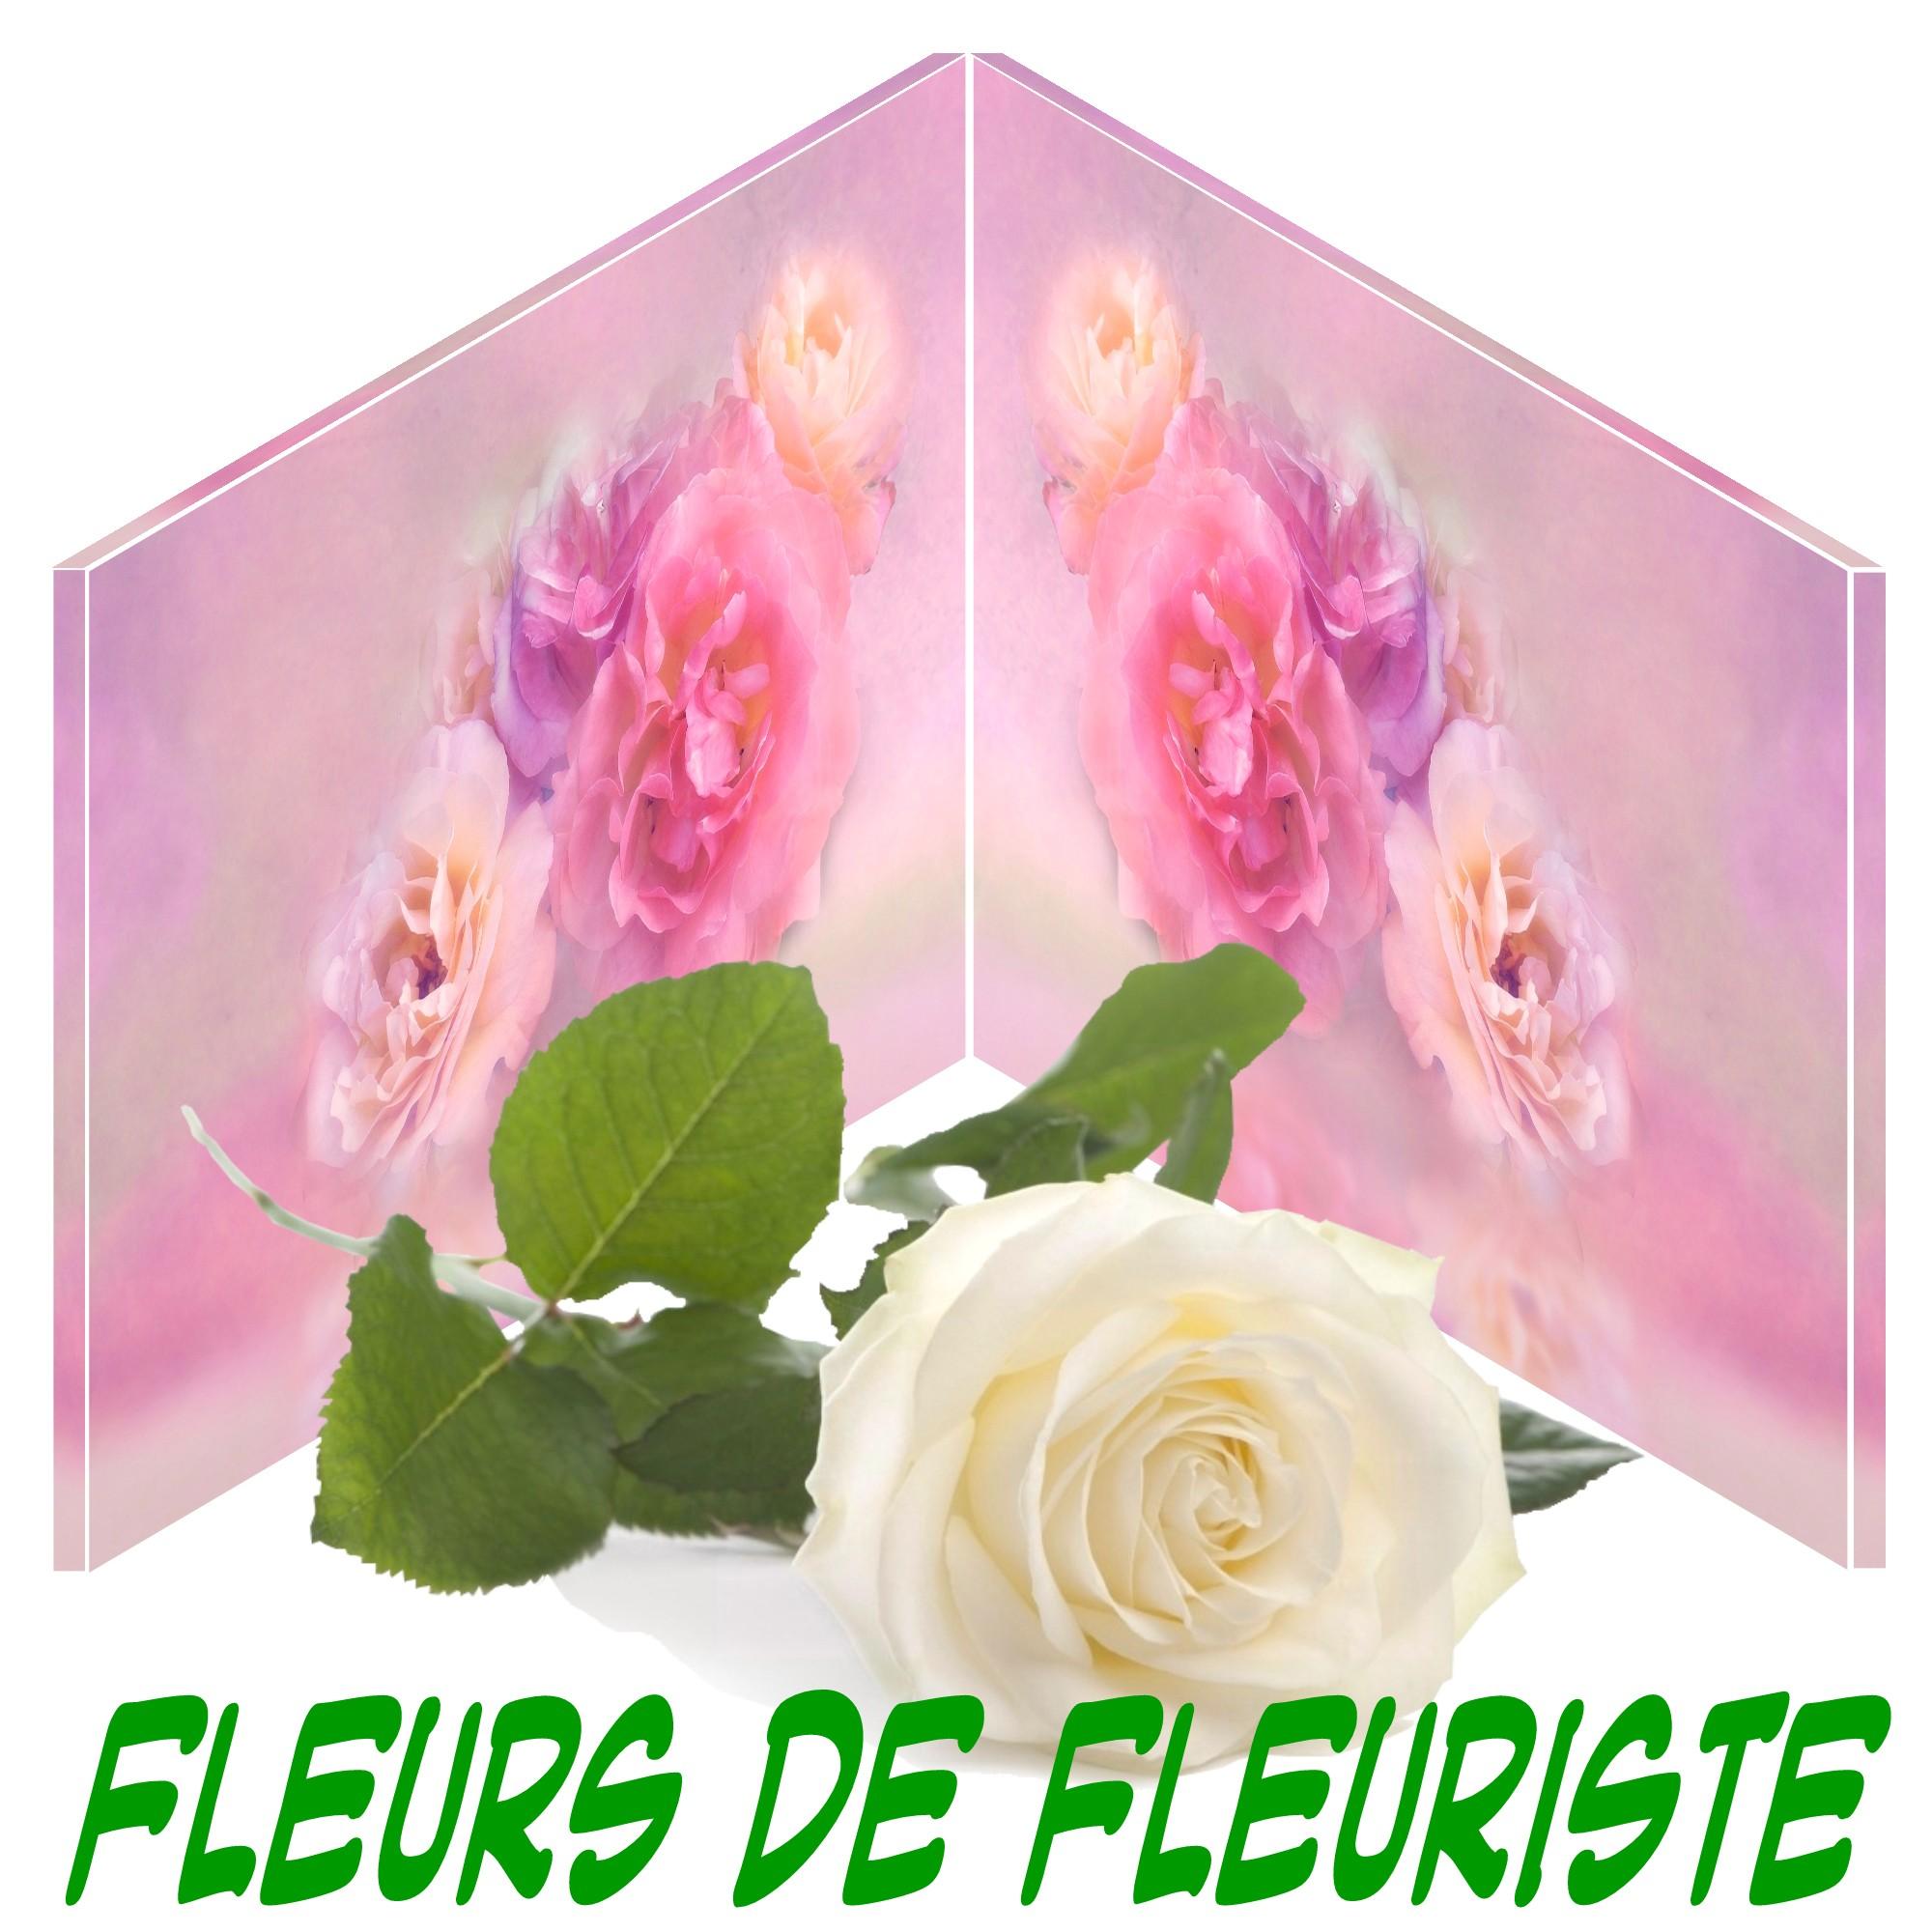 fleurs de fleuriste livraison fleurs